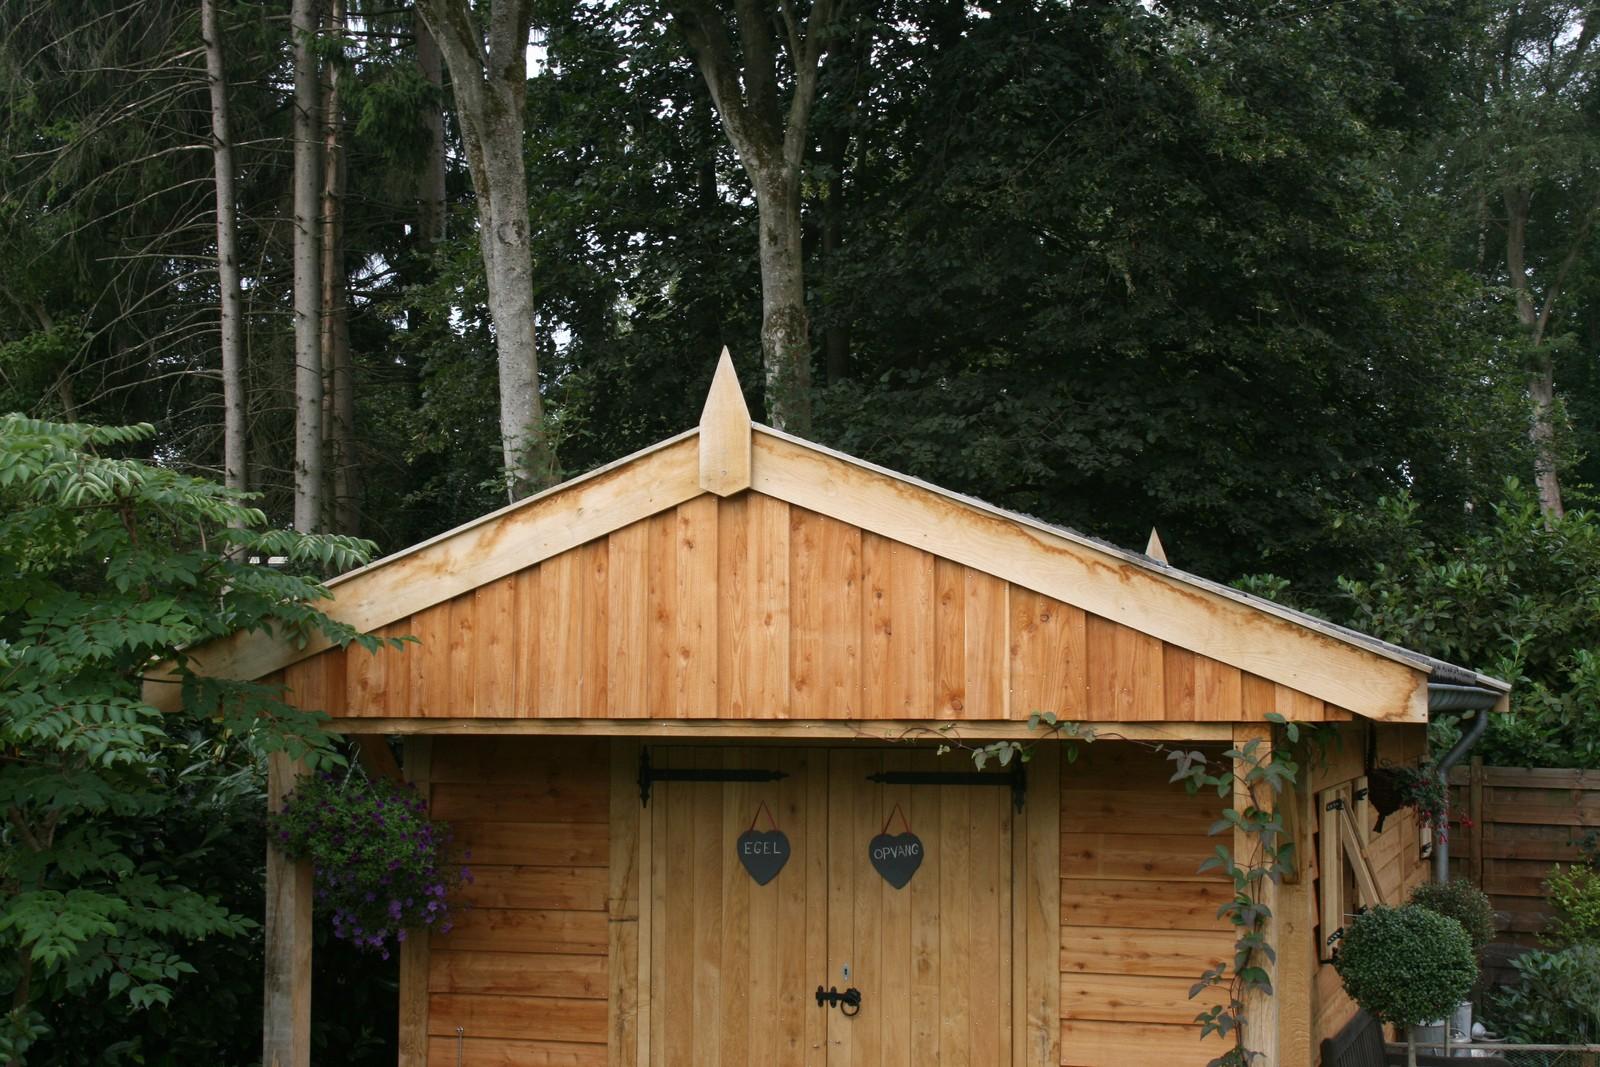 robuuste_tuinhuizen - Houten dierenopvang met overkapping gemaakt van duurzaam eikenhout.